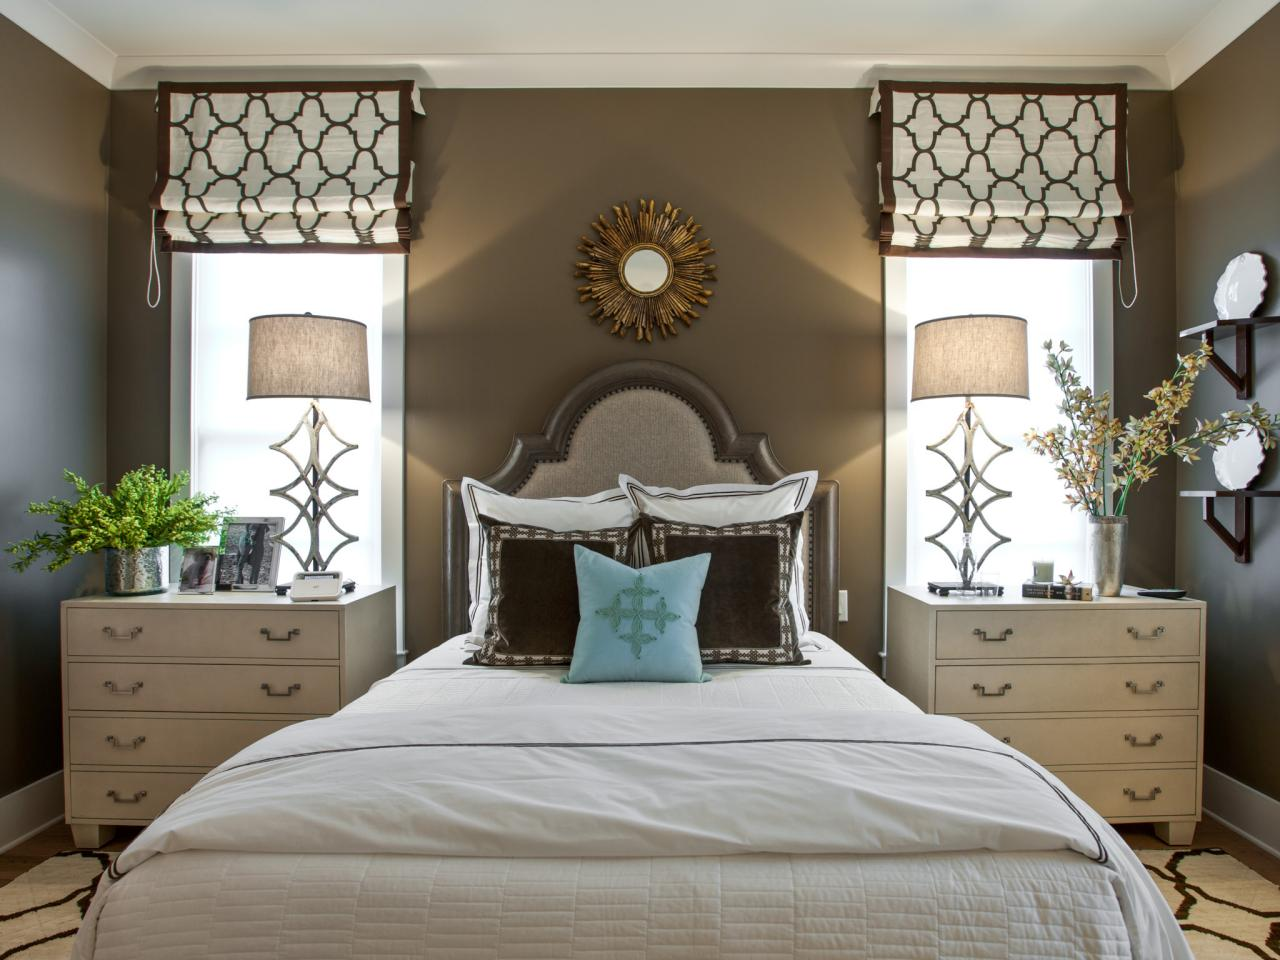 15 Fotos De Decoracion De Habitaciones Modernas Y: decoracion casas modernas elegantes